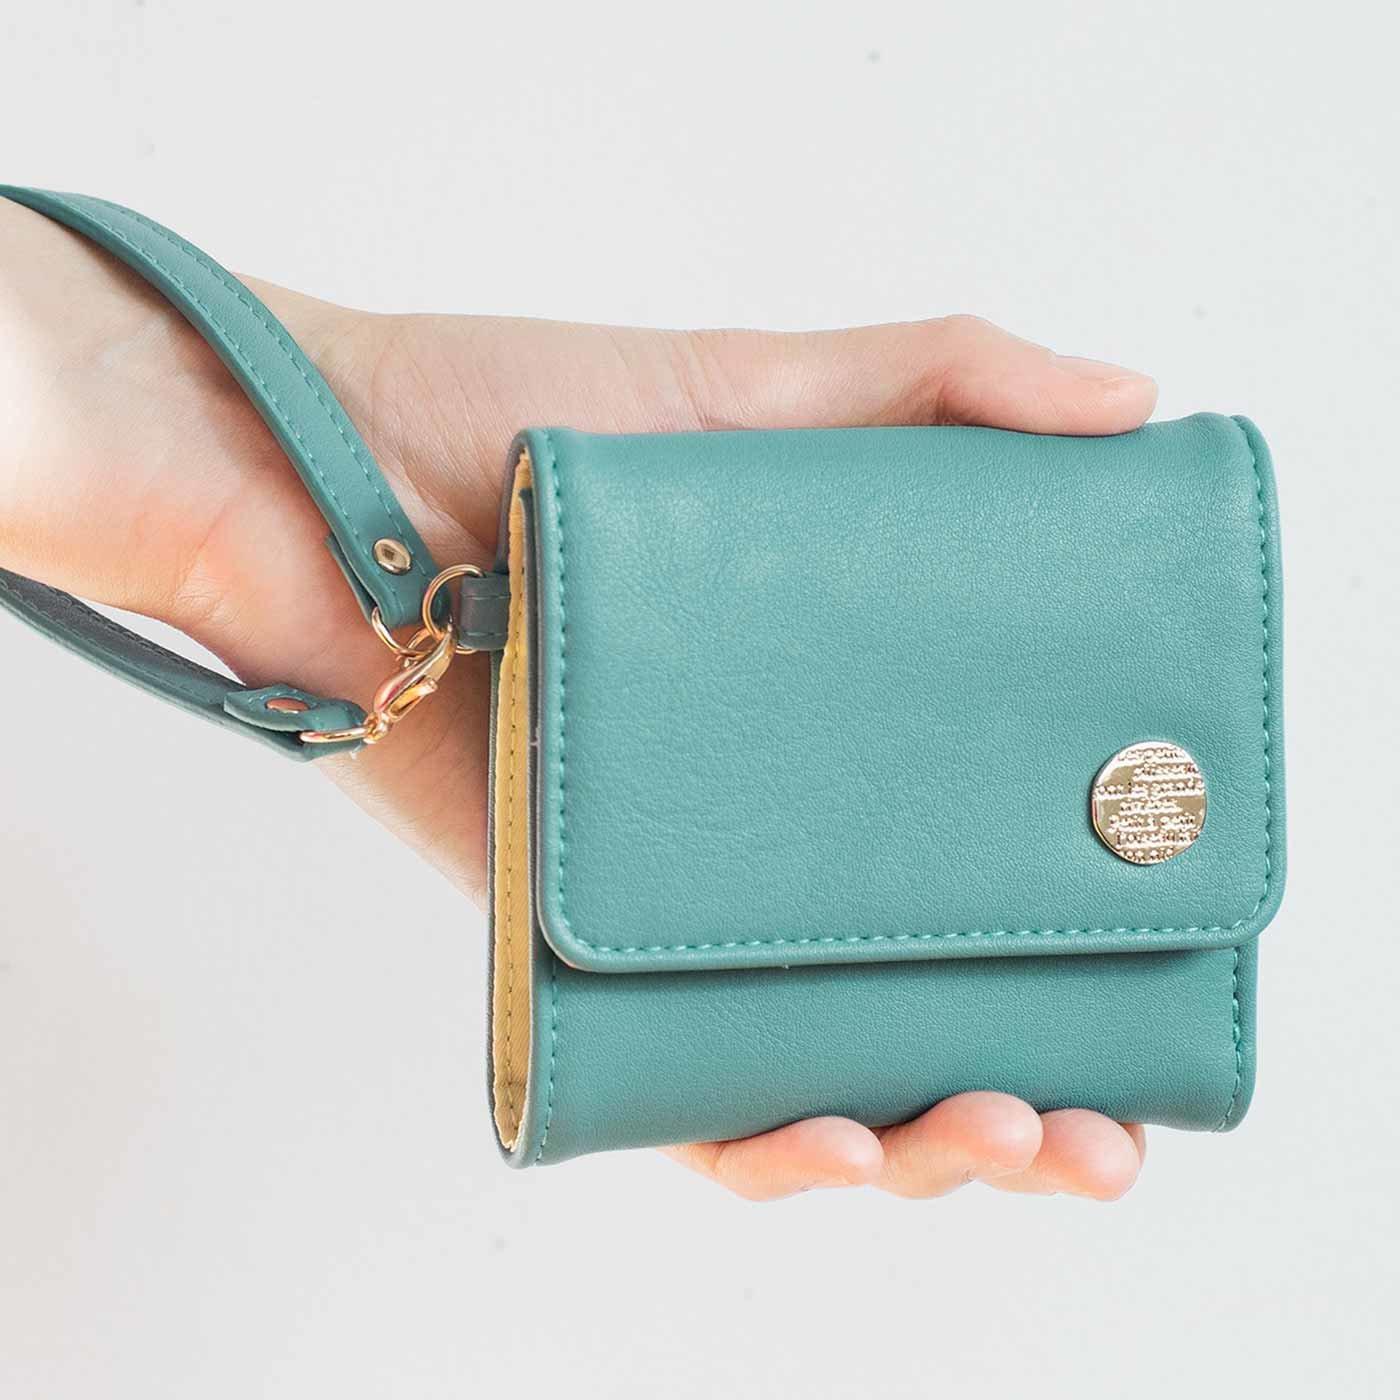 幸運を呼ぶミントグリーン 大人かわいい手のり財布